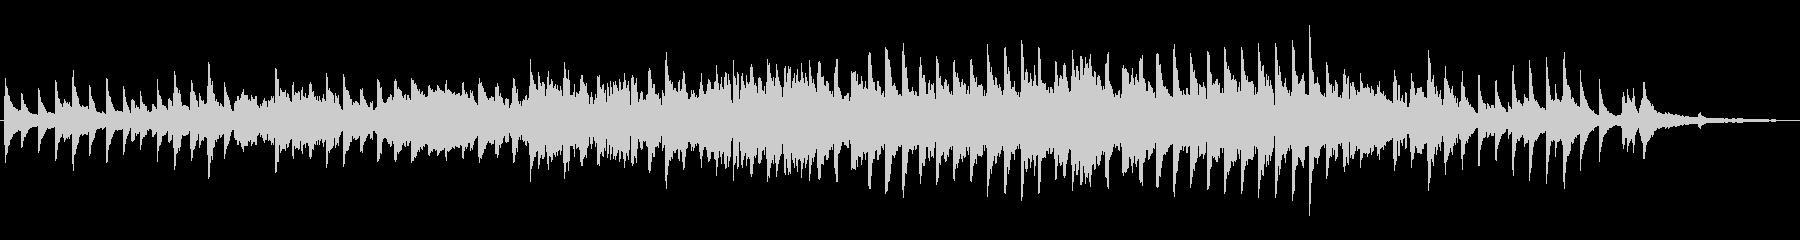 ノスタルジックな雰囲気の曲です_02の未再生の波形